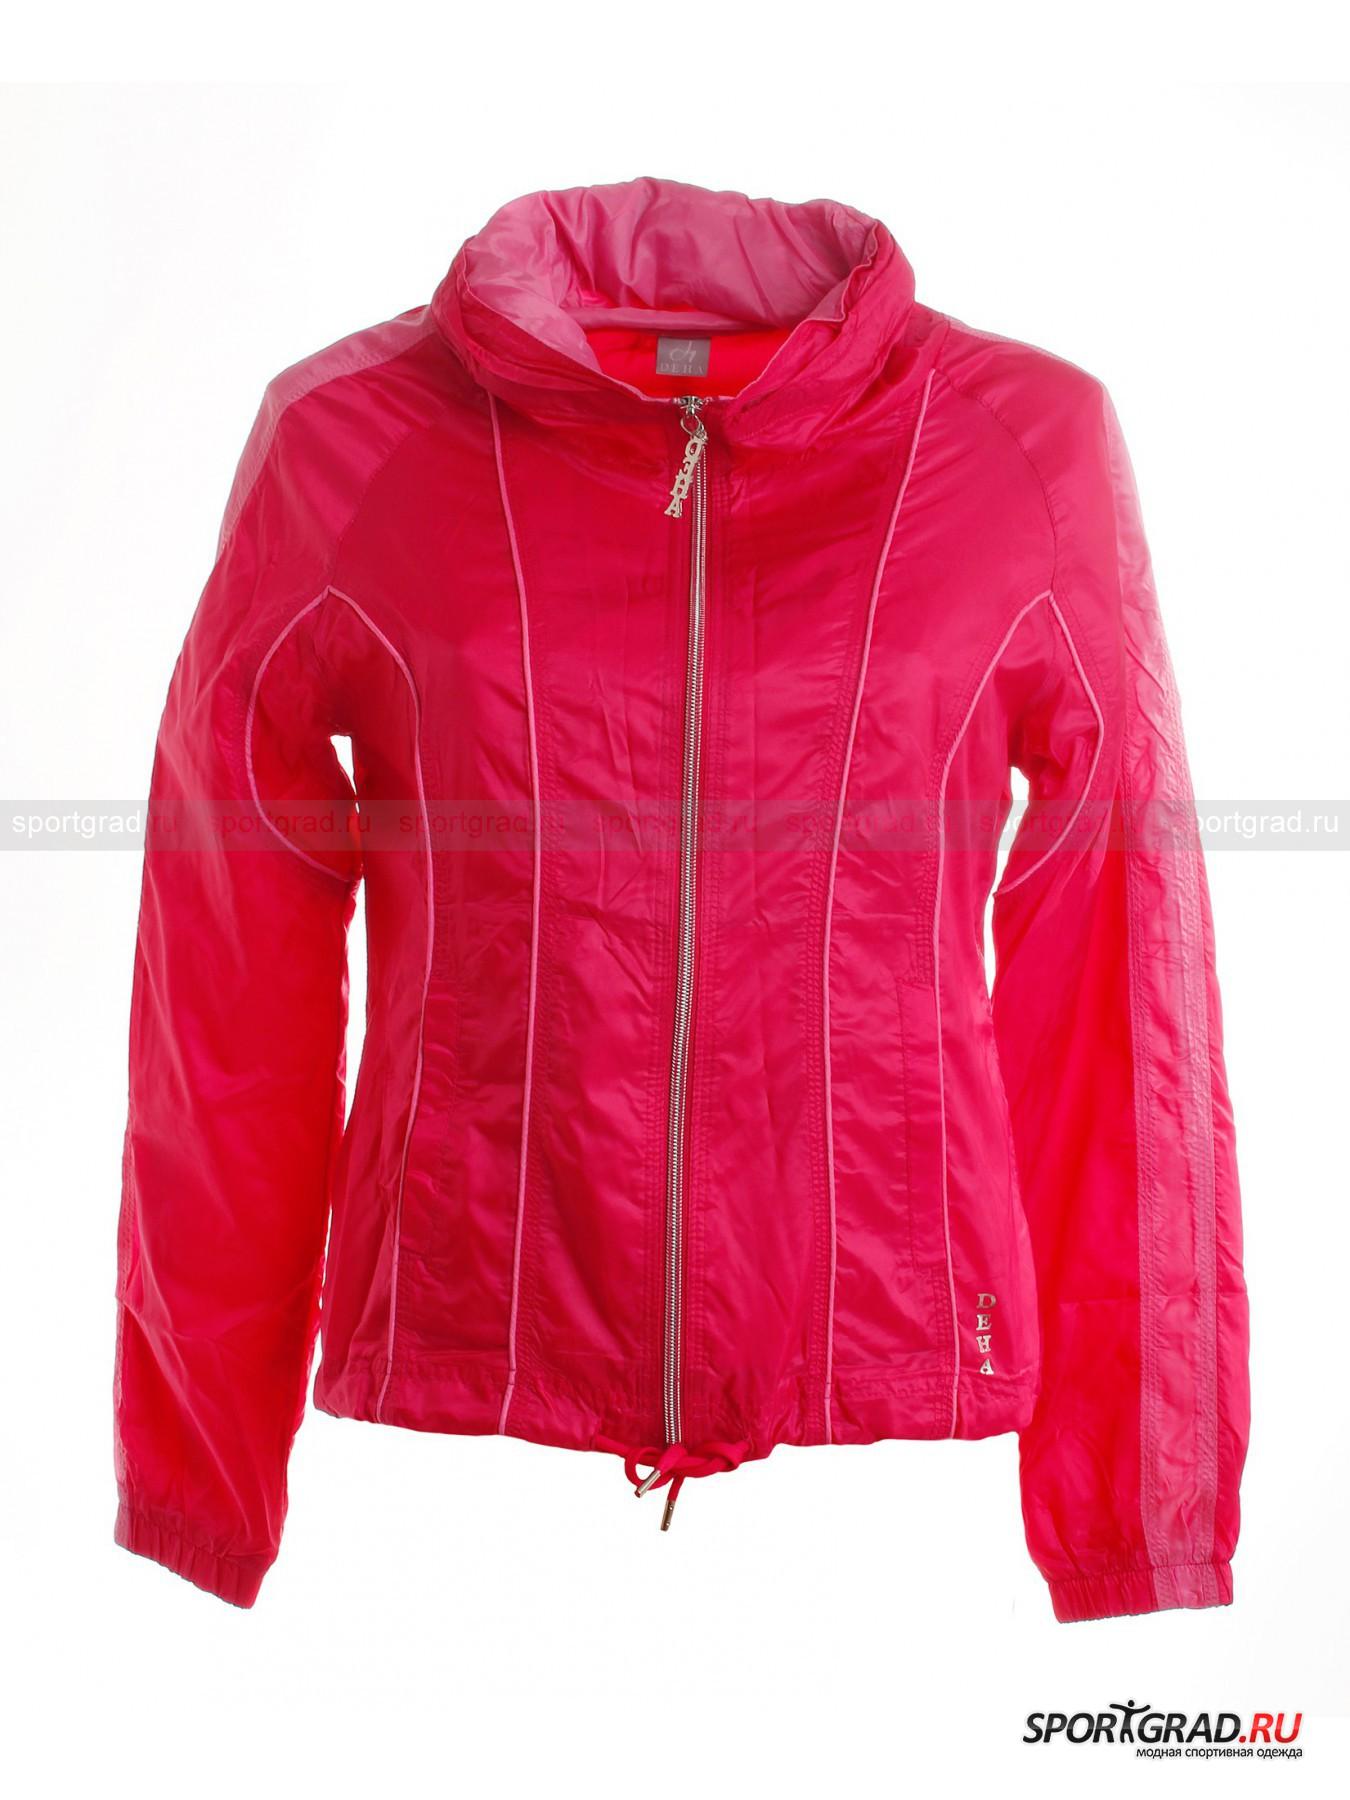 Куртка женcкая DEHA от Спортград